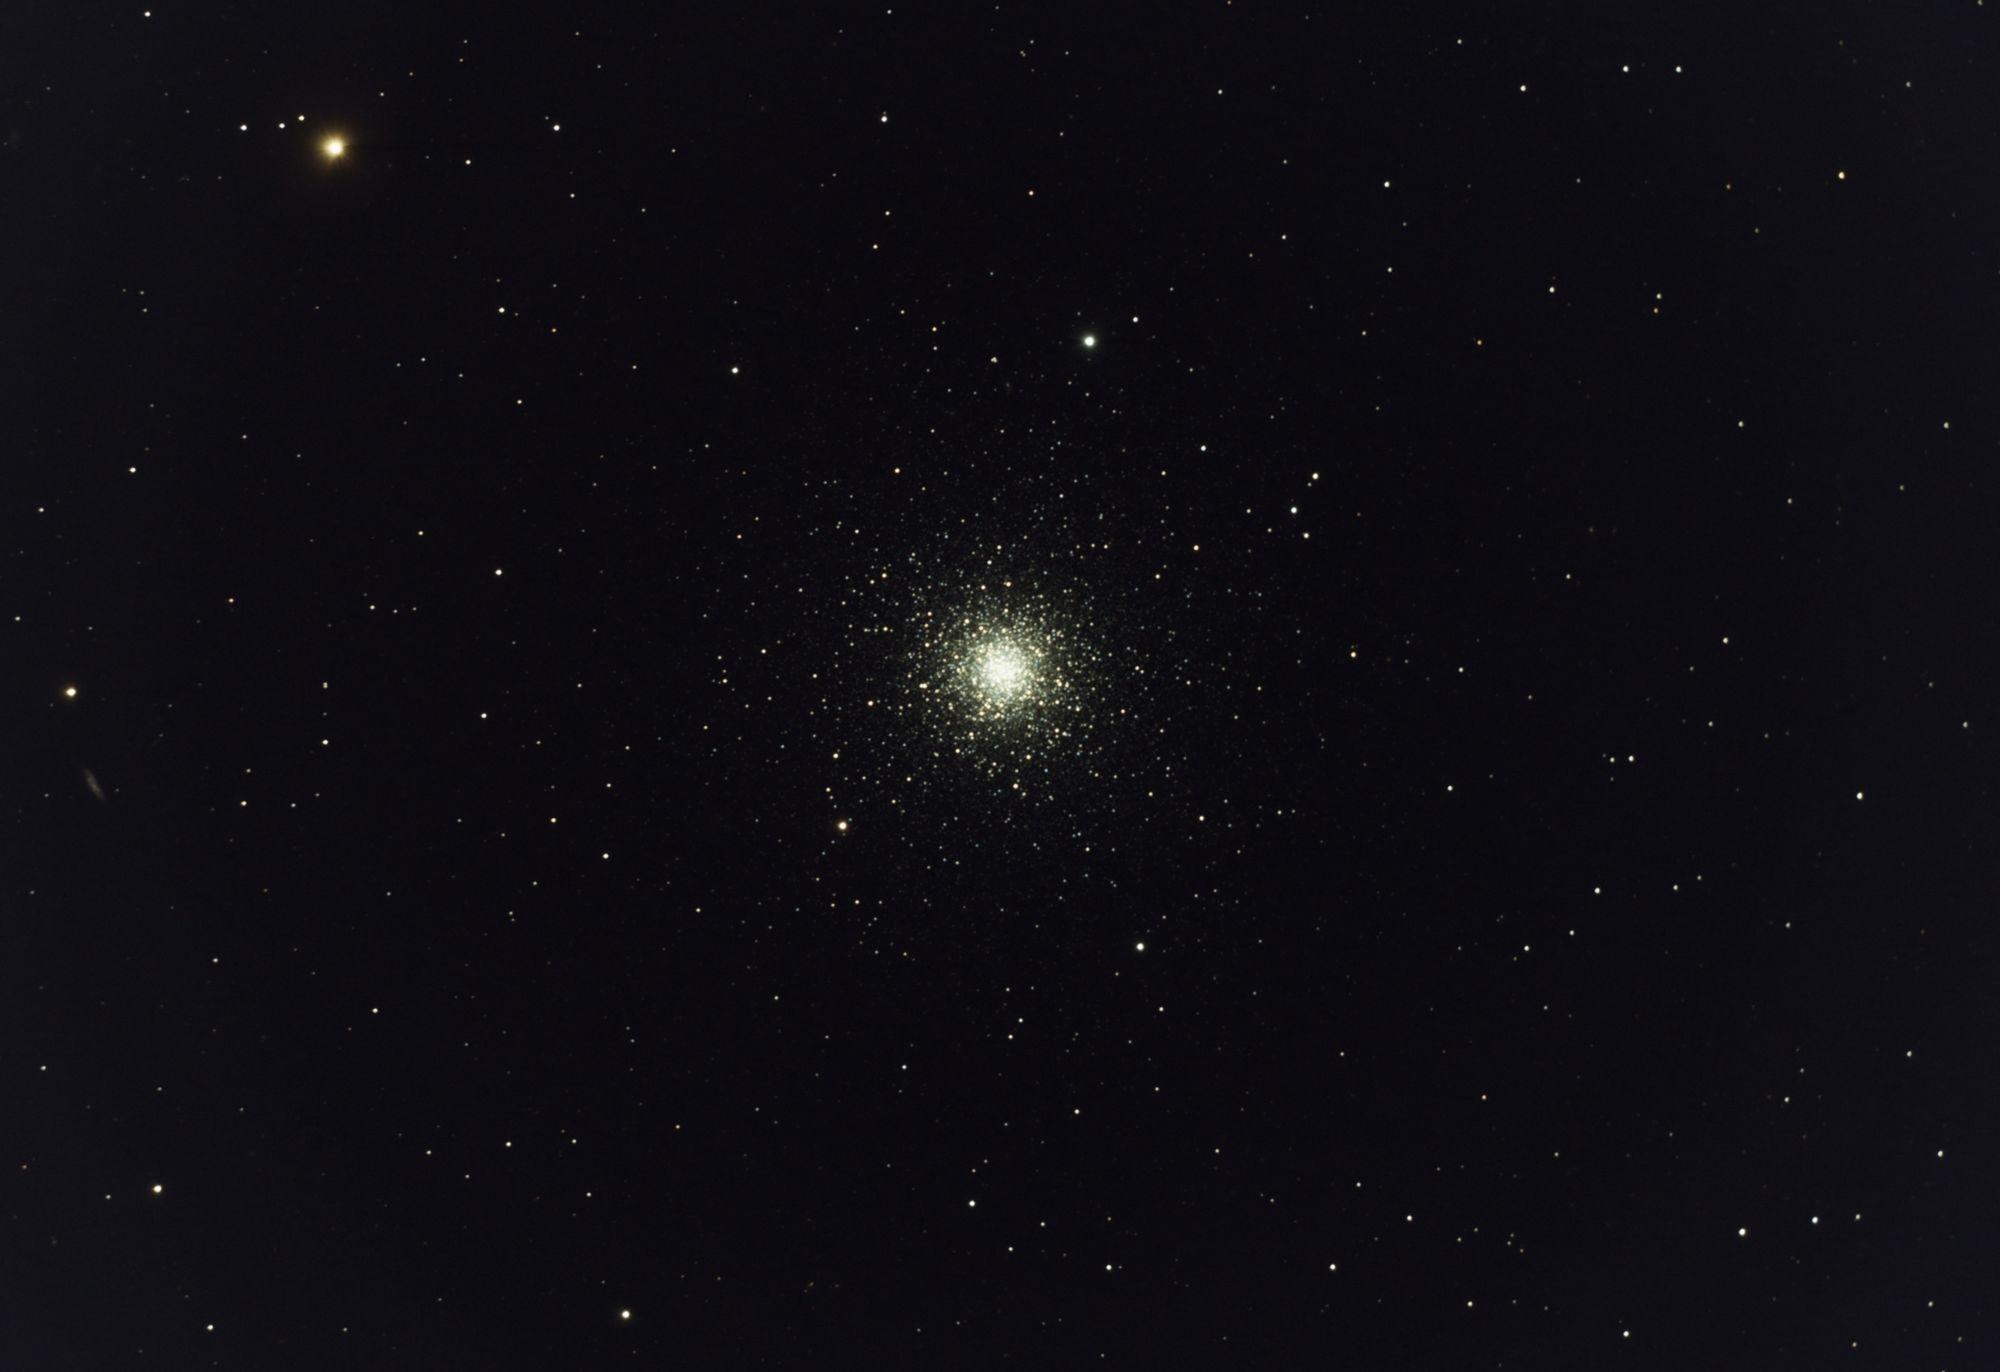 M3 - Globular Star Cluster in Canes Venatici